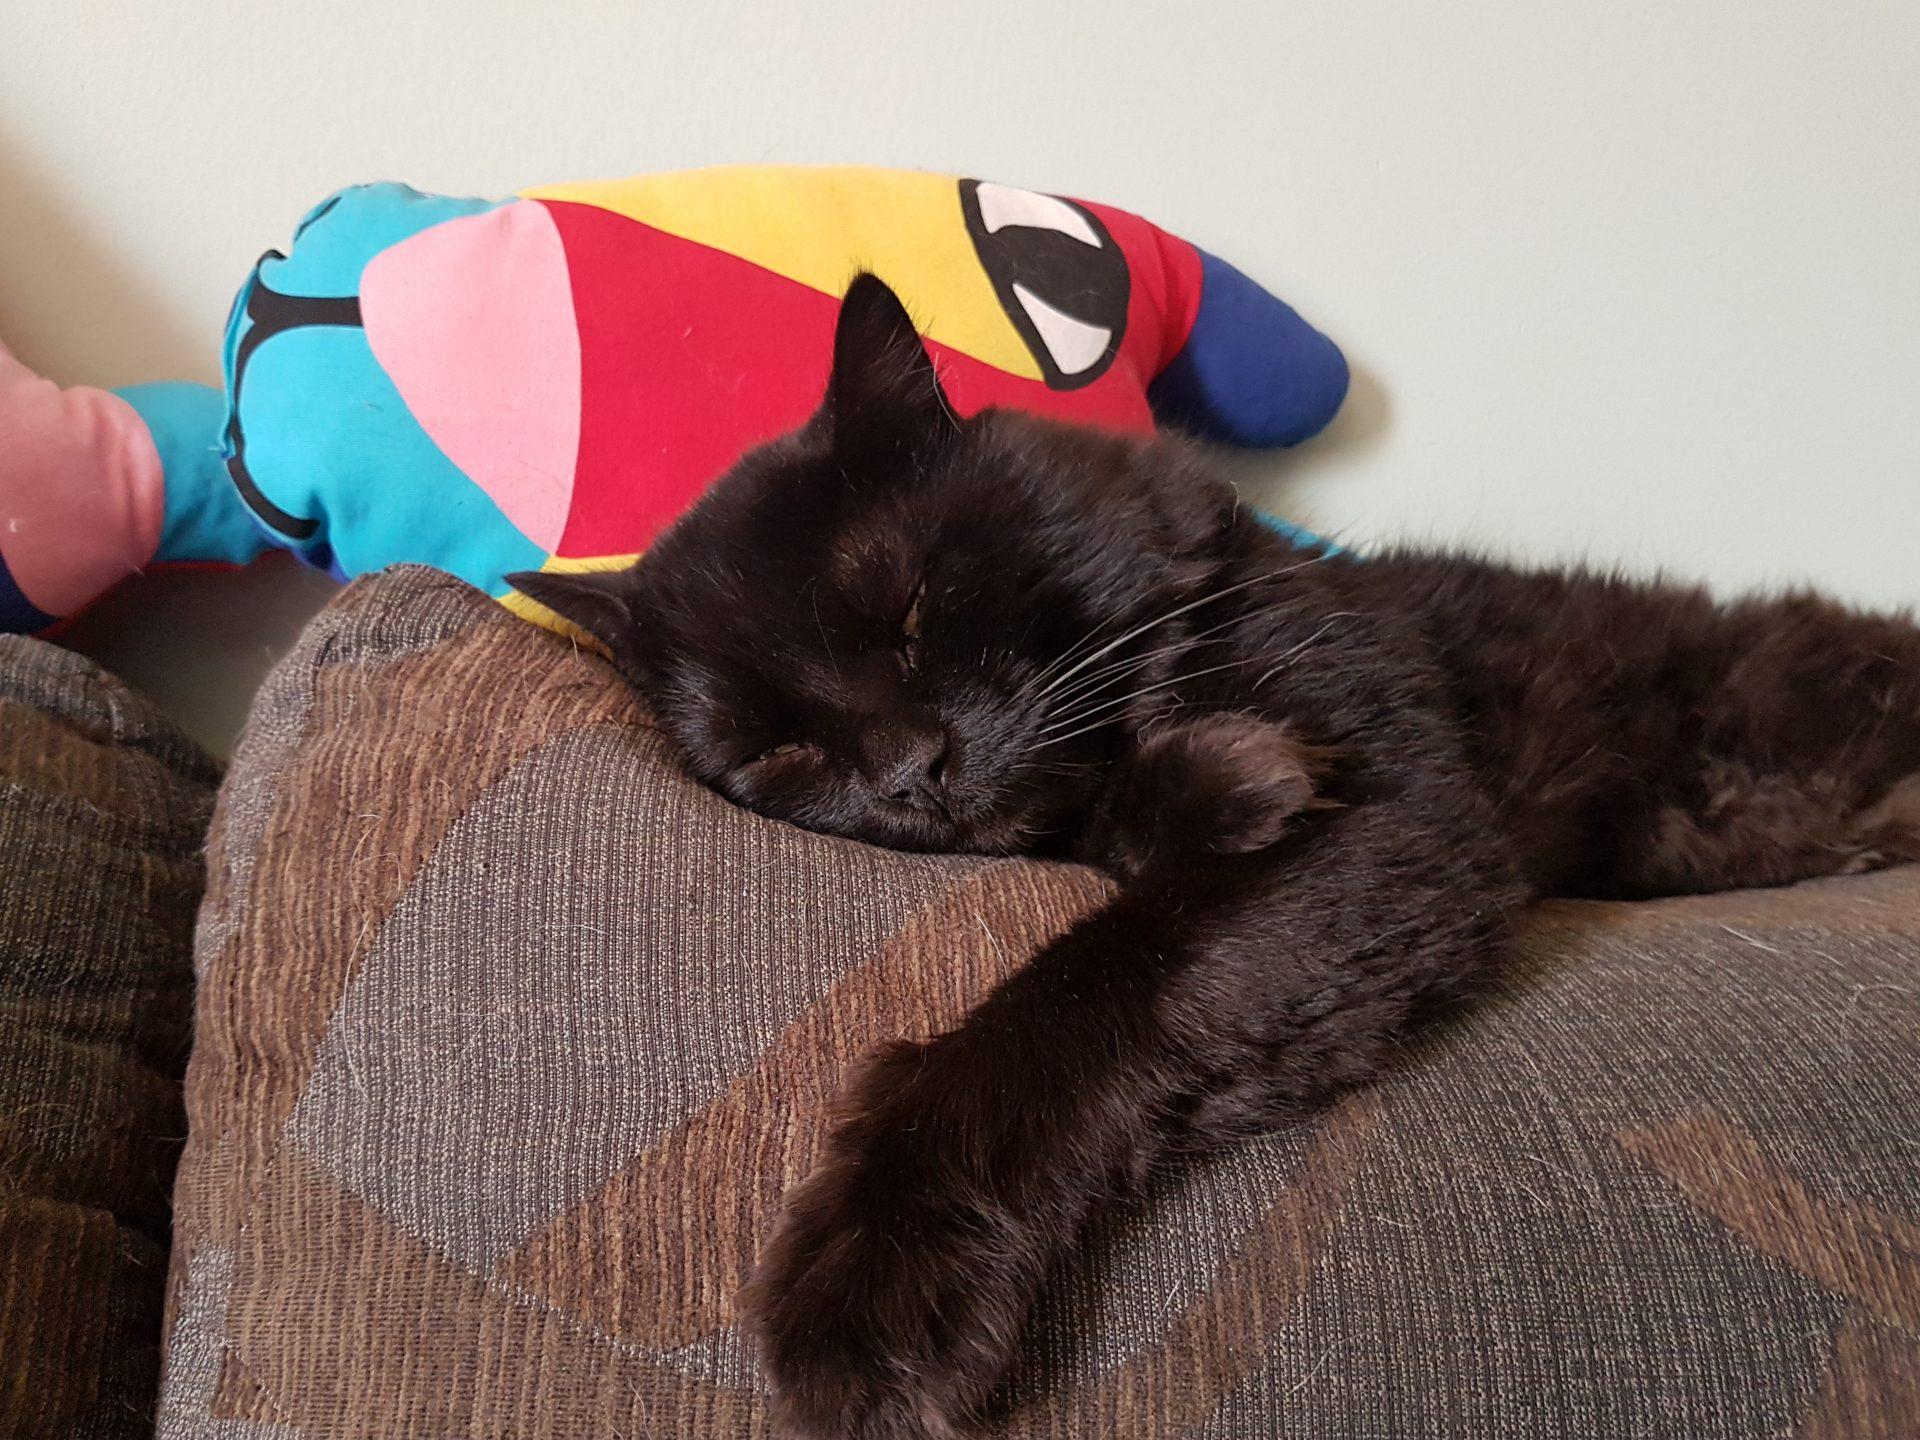 Canuto durmiendo en lo alto del sofá